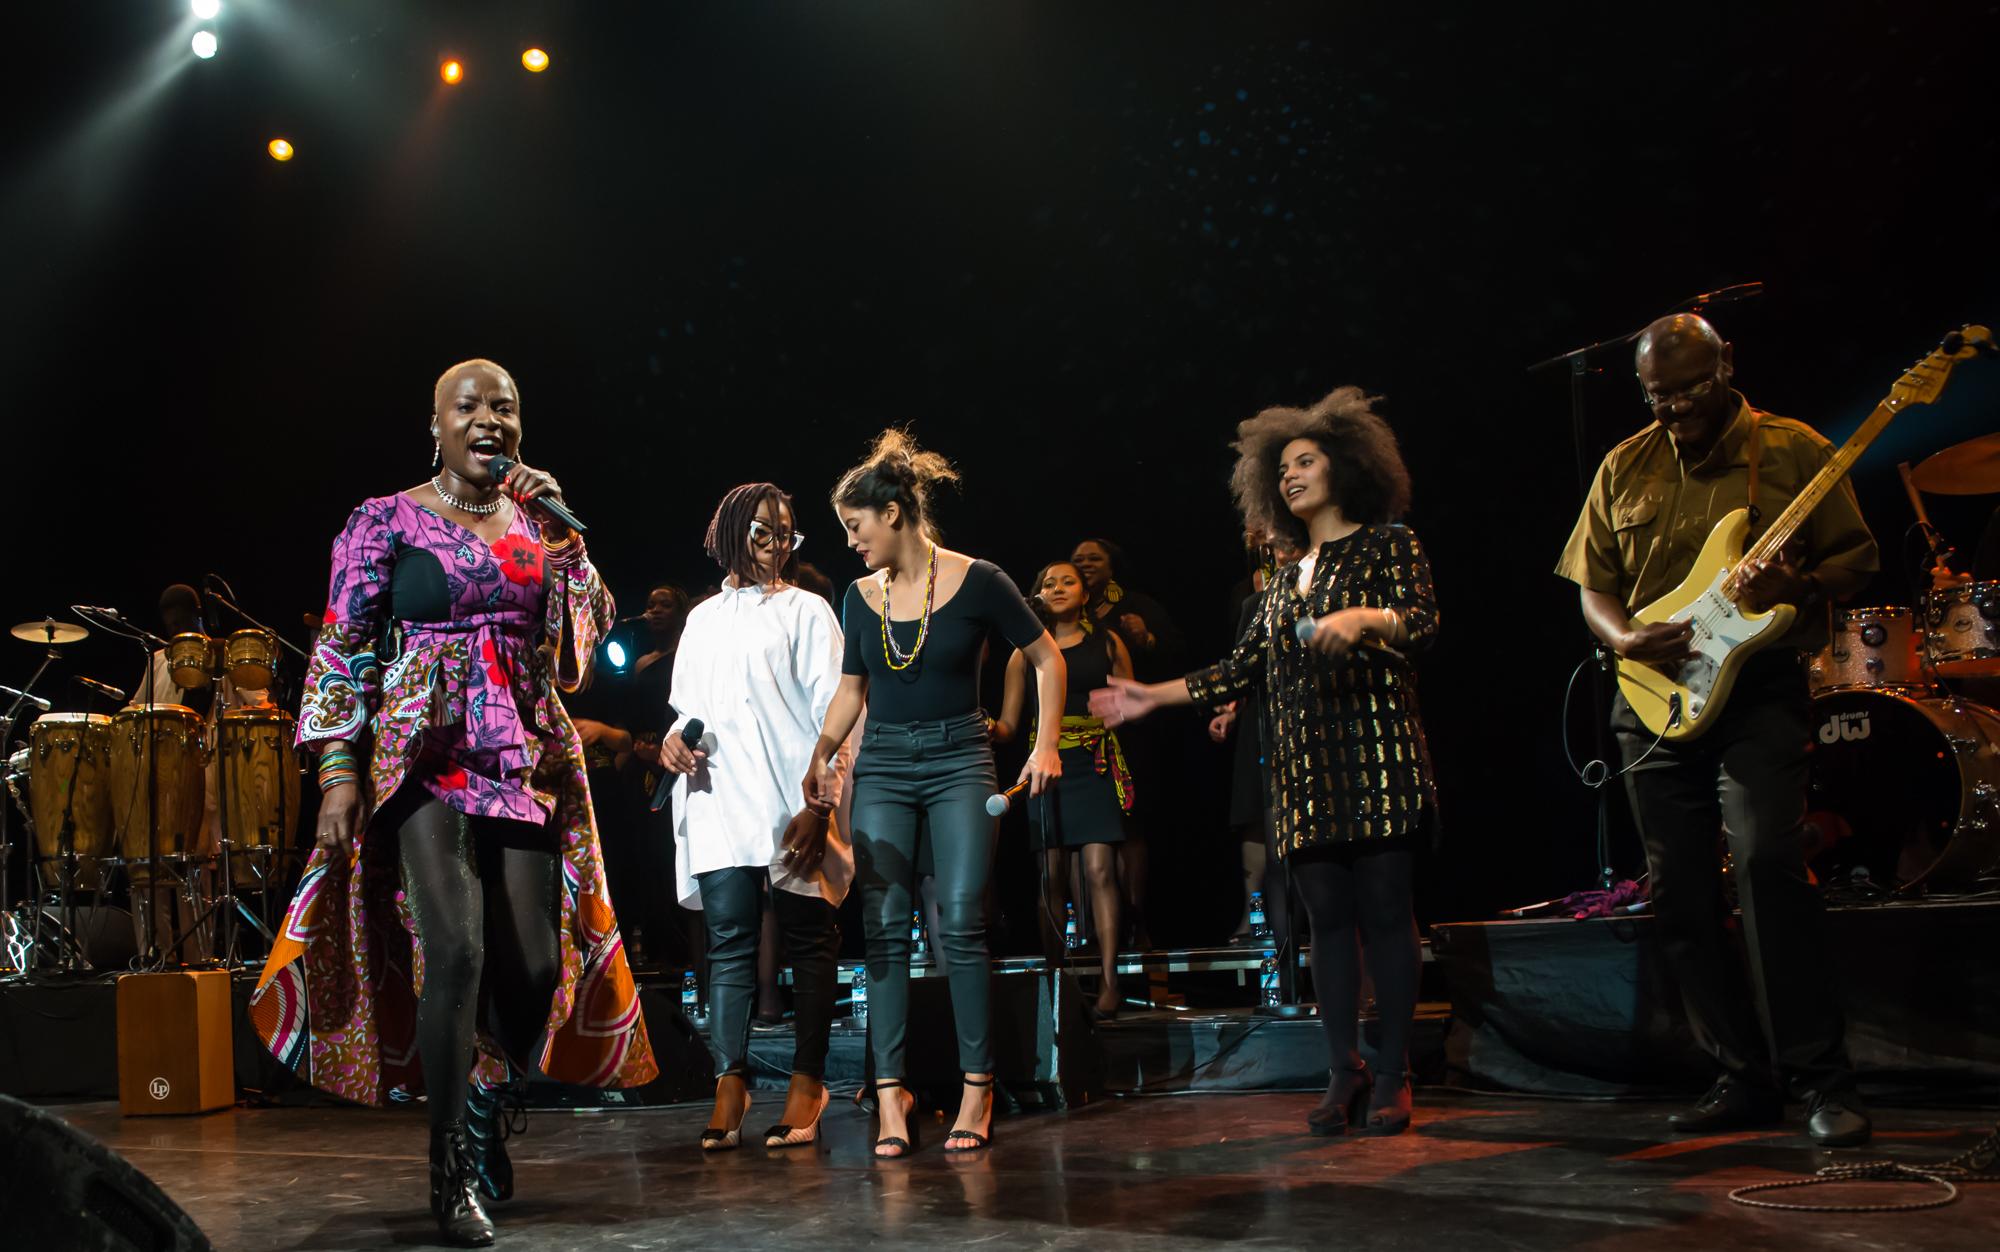 Royal Festival Hall, UK. 14th November 2014. Angelique Kidjo, Asa, Ibeyi performing at Royal Festival Hall